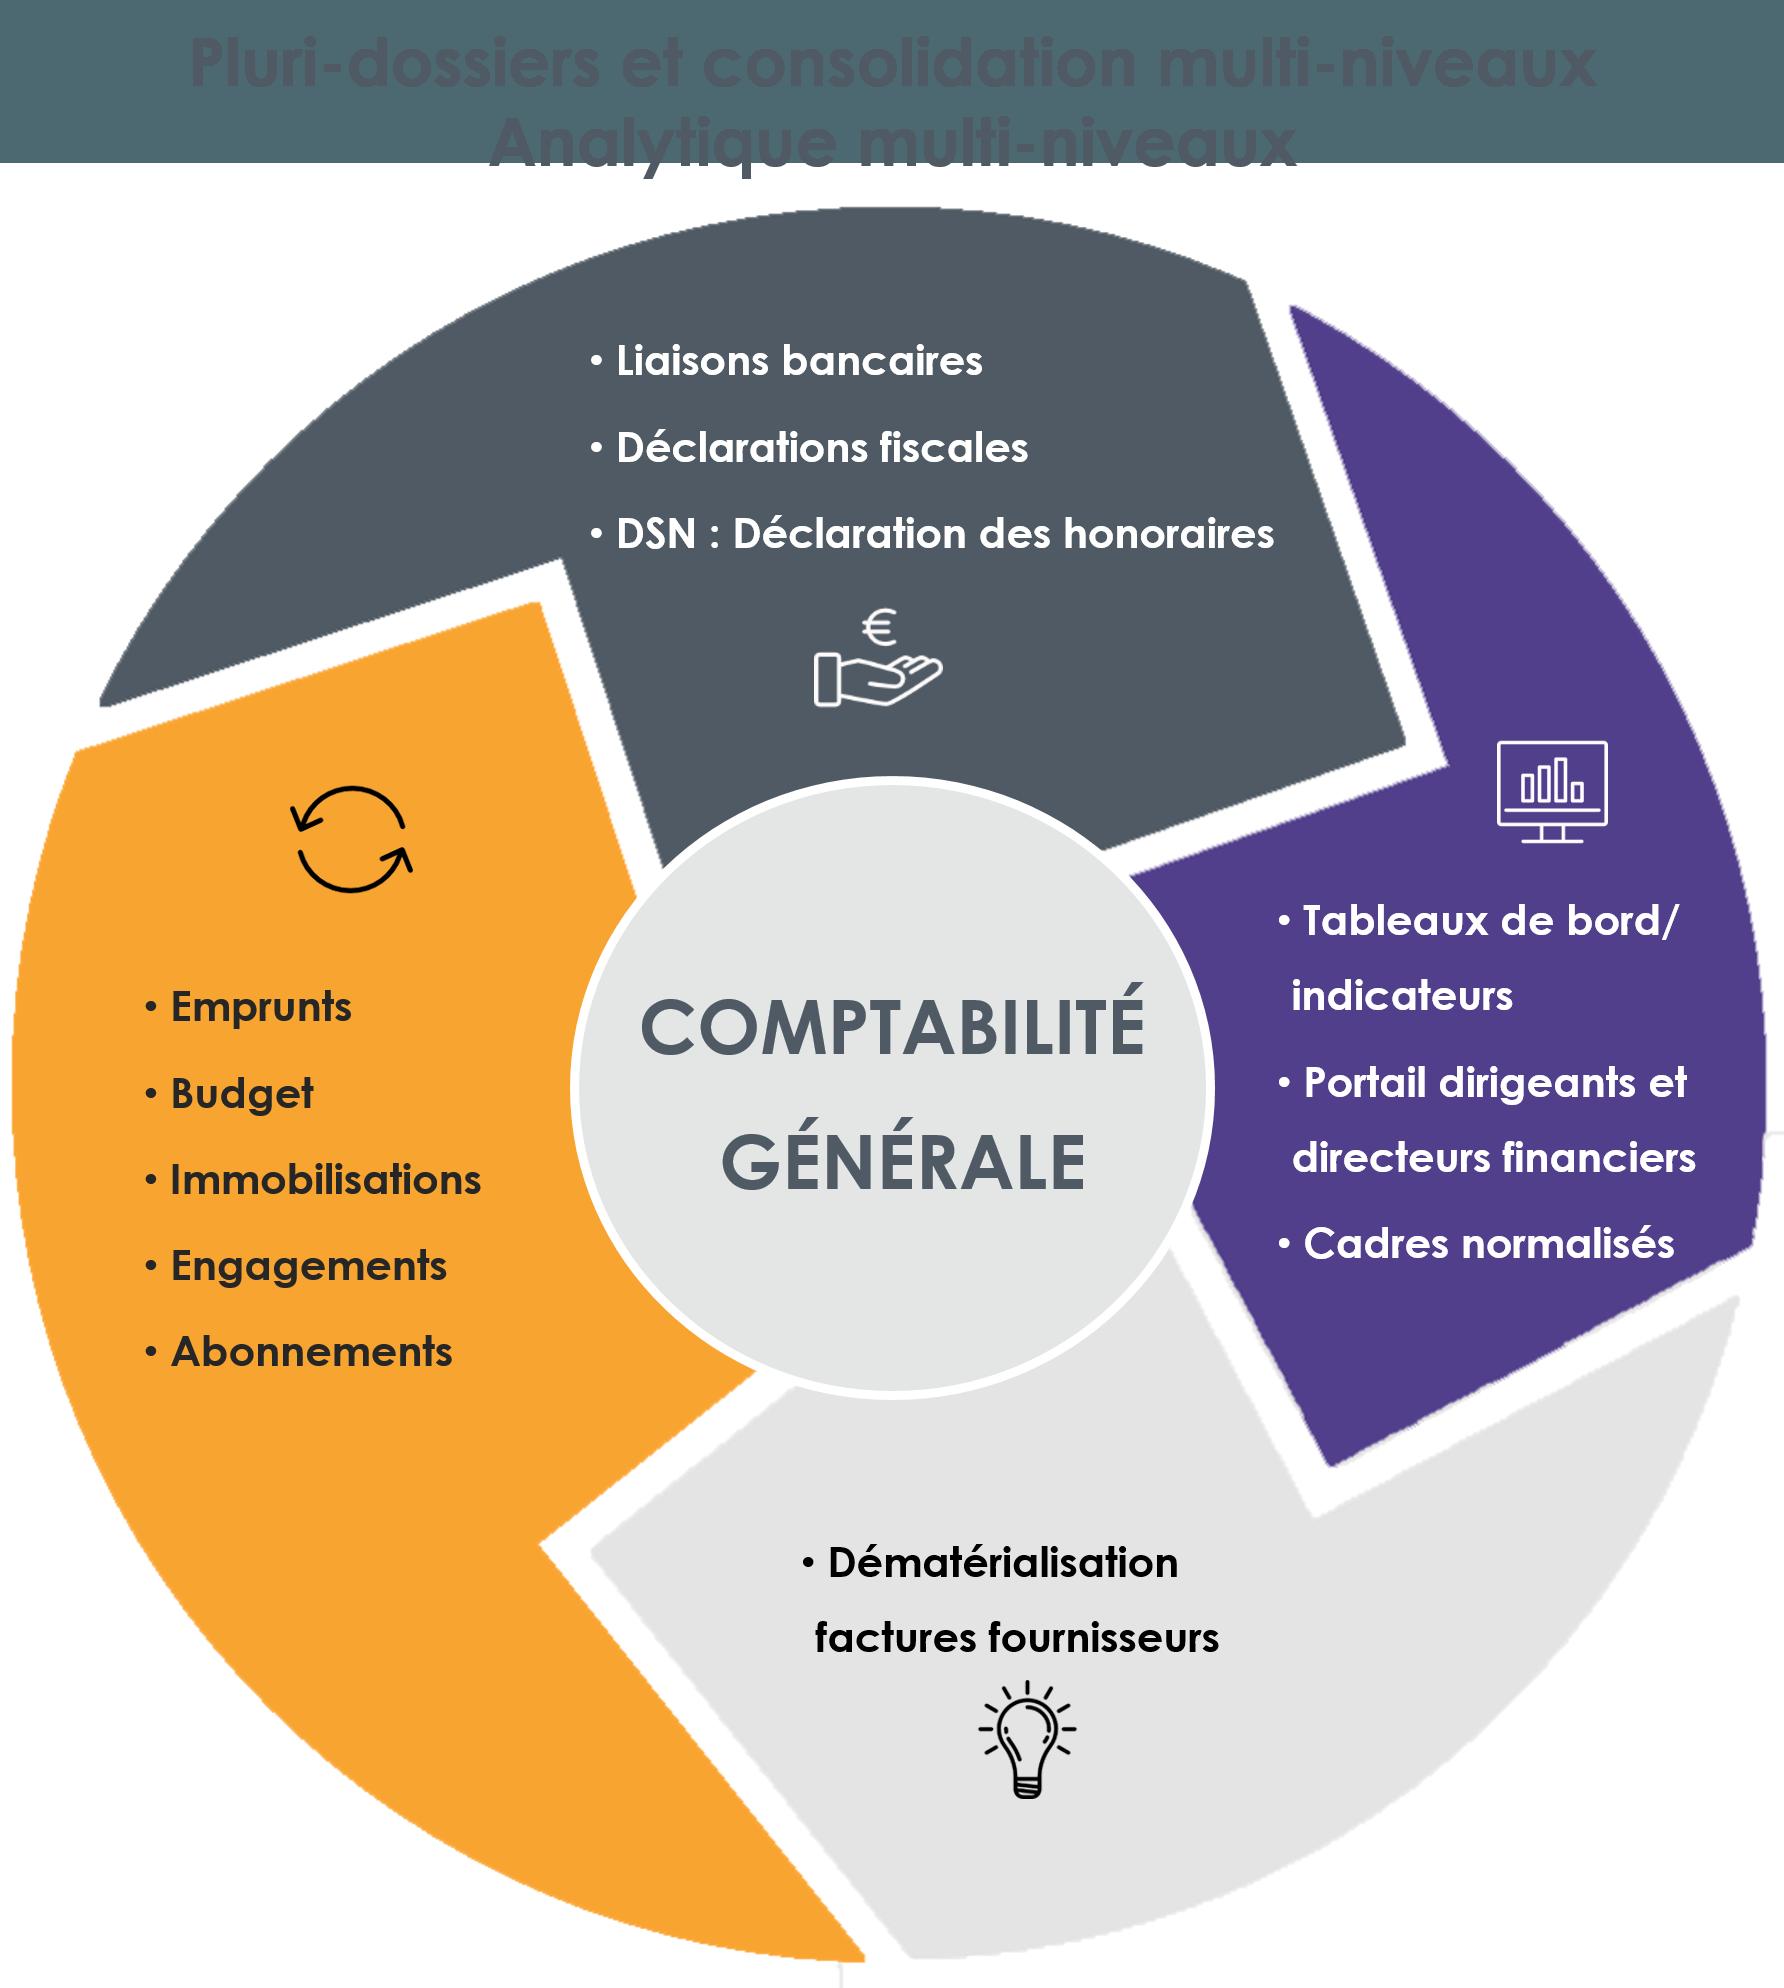 Pluri-dossiers et consolidation multi-niveaux pour la comptabilité générale